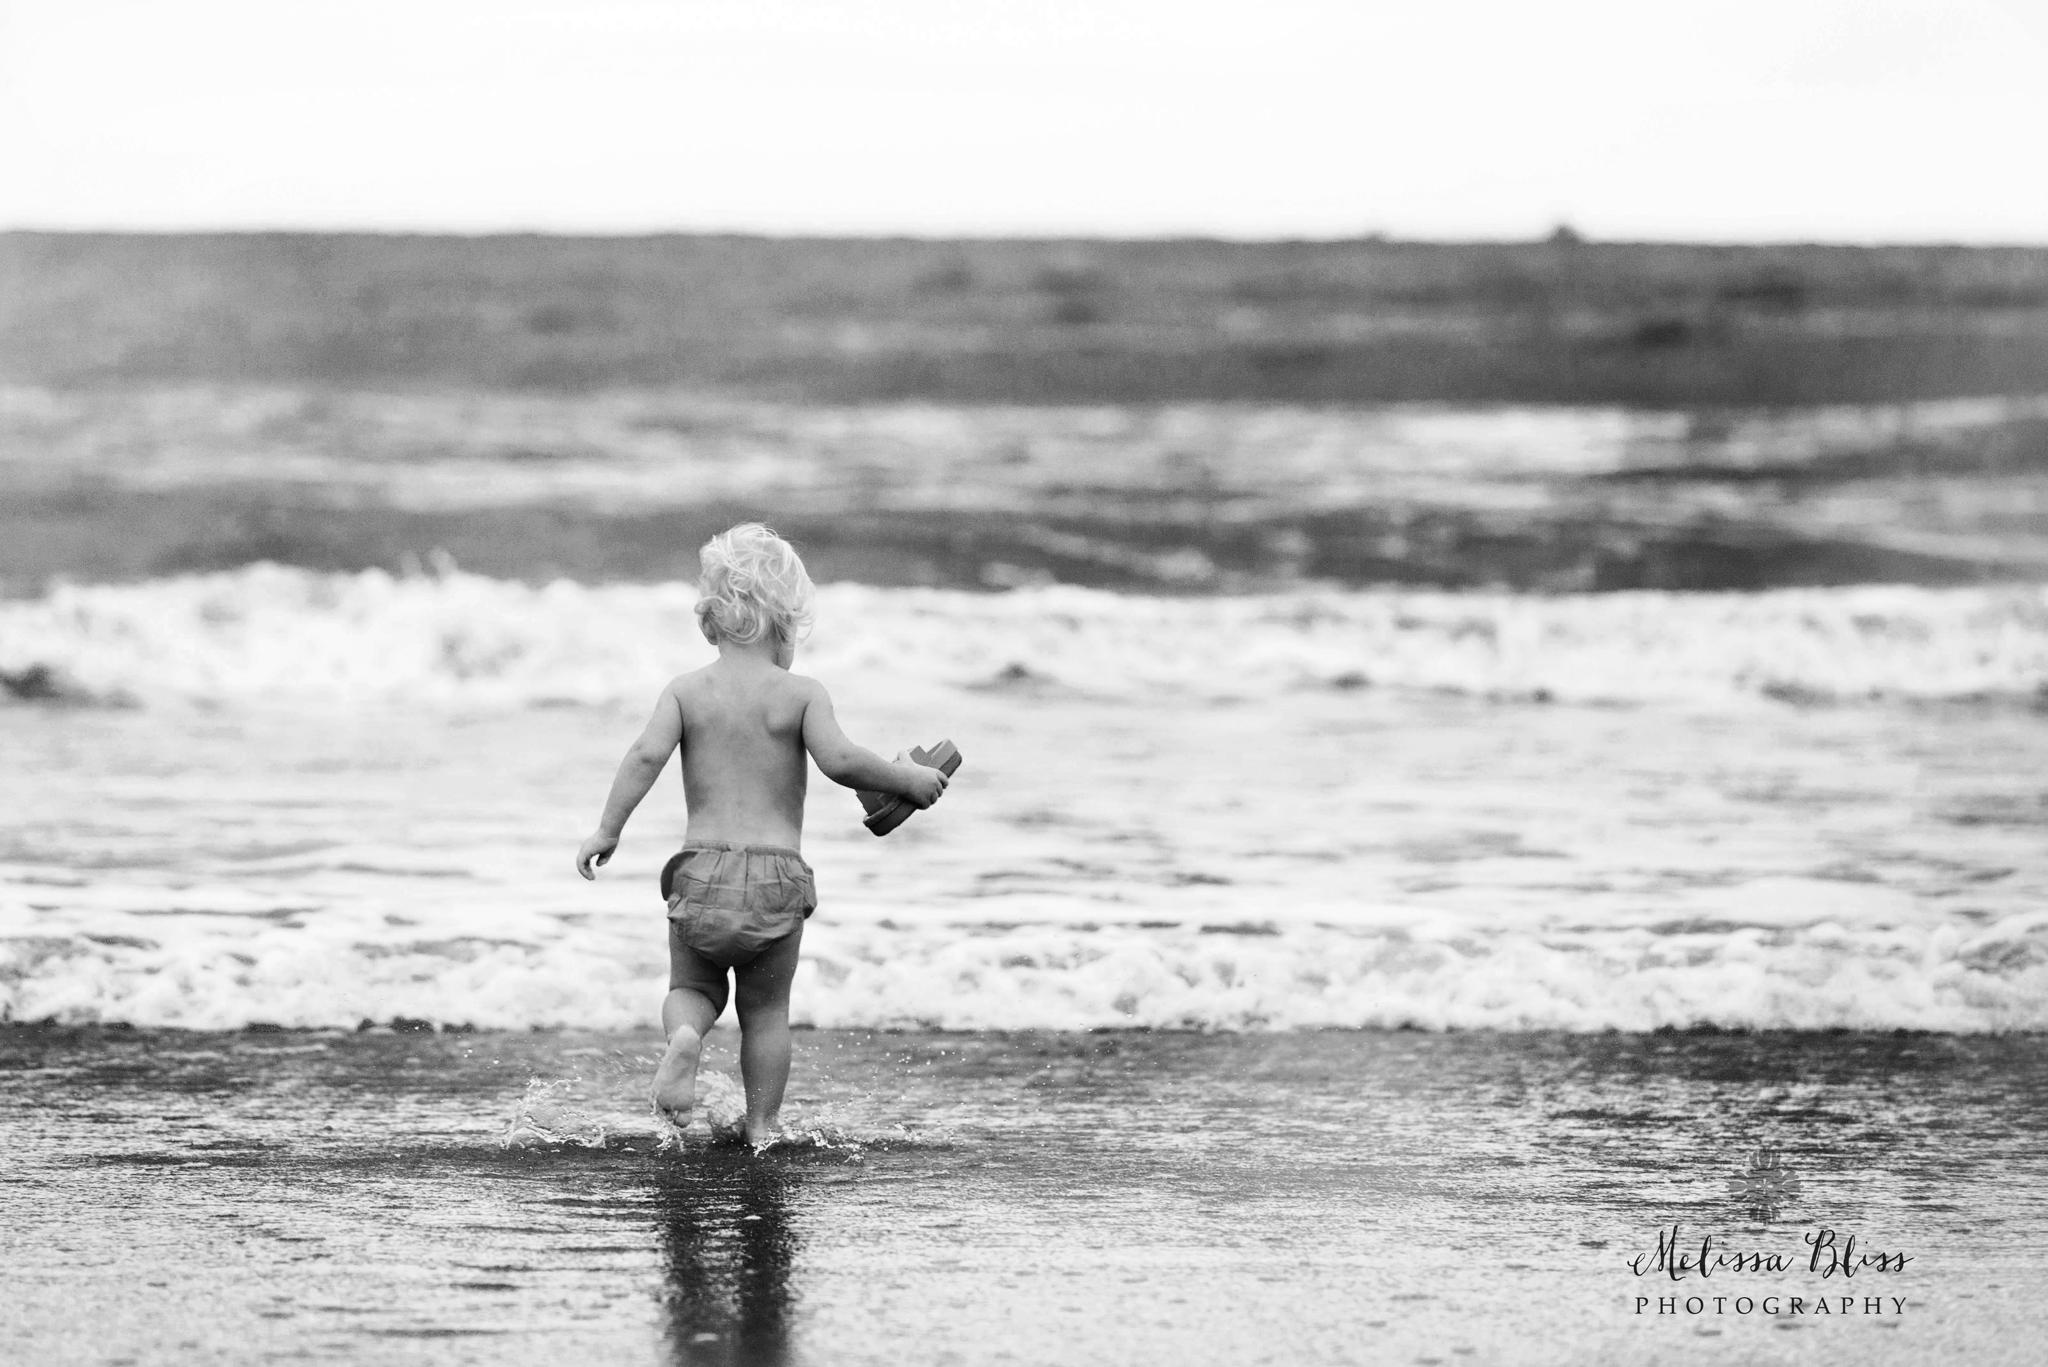 virginia-beach-sandbridge-beach-photography-family-photographers-va-beach-norfolk-melissa-bliss-photography